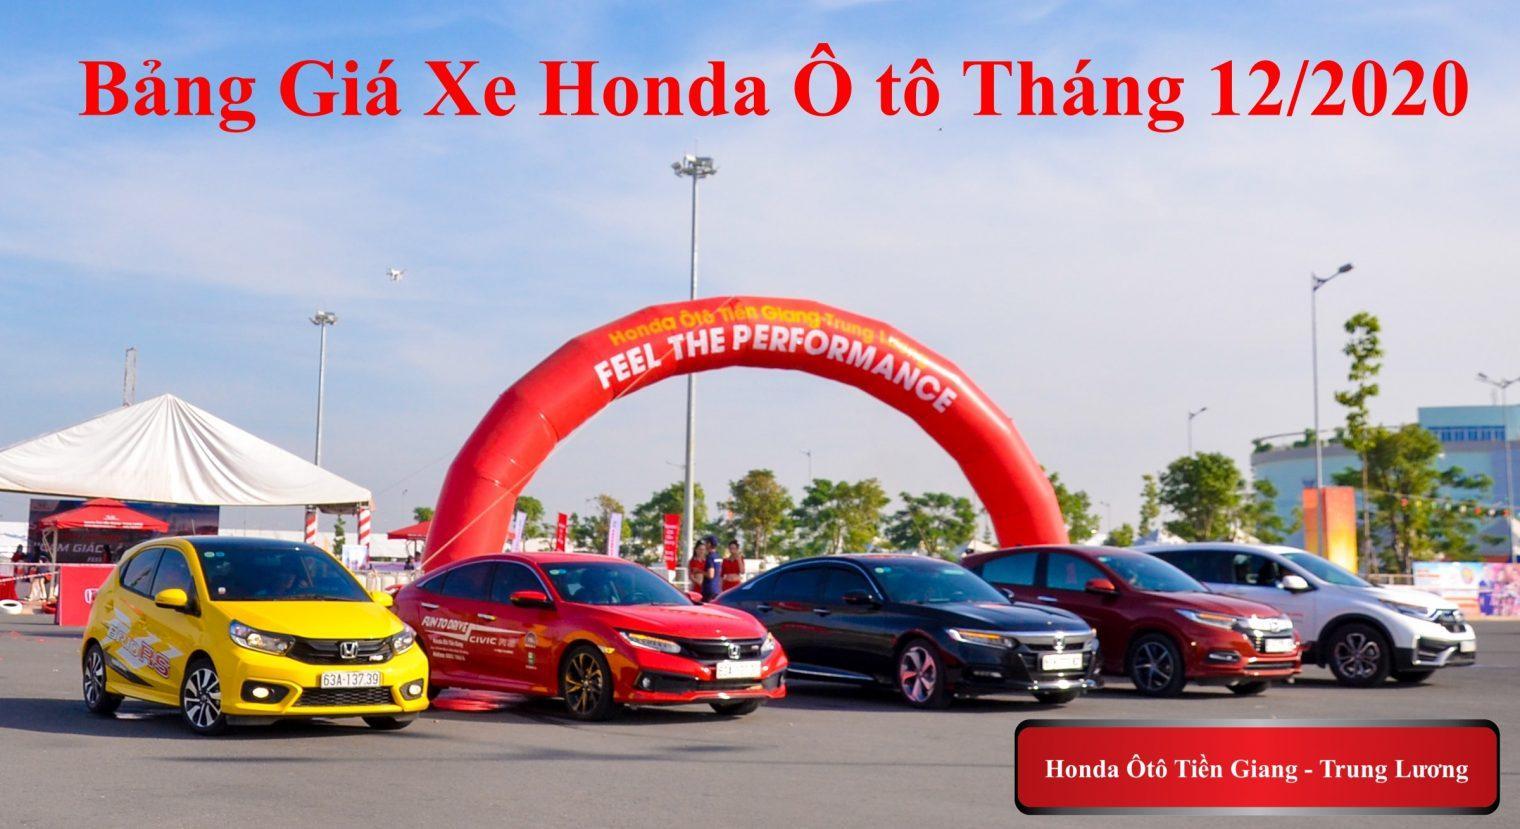 Bảng Giá Xe Honda Ô tô Tháng 12/2020 – Honda Ô tô Tiền Giang